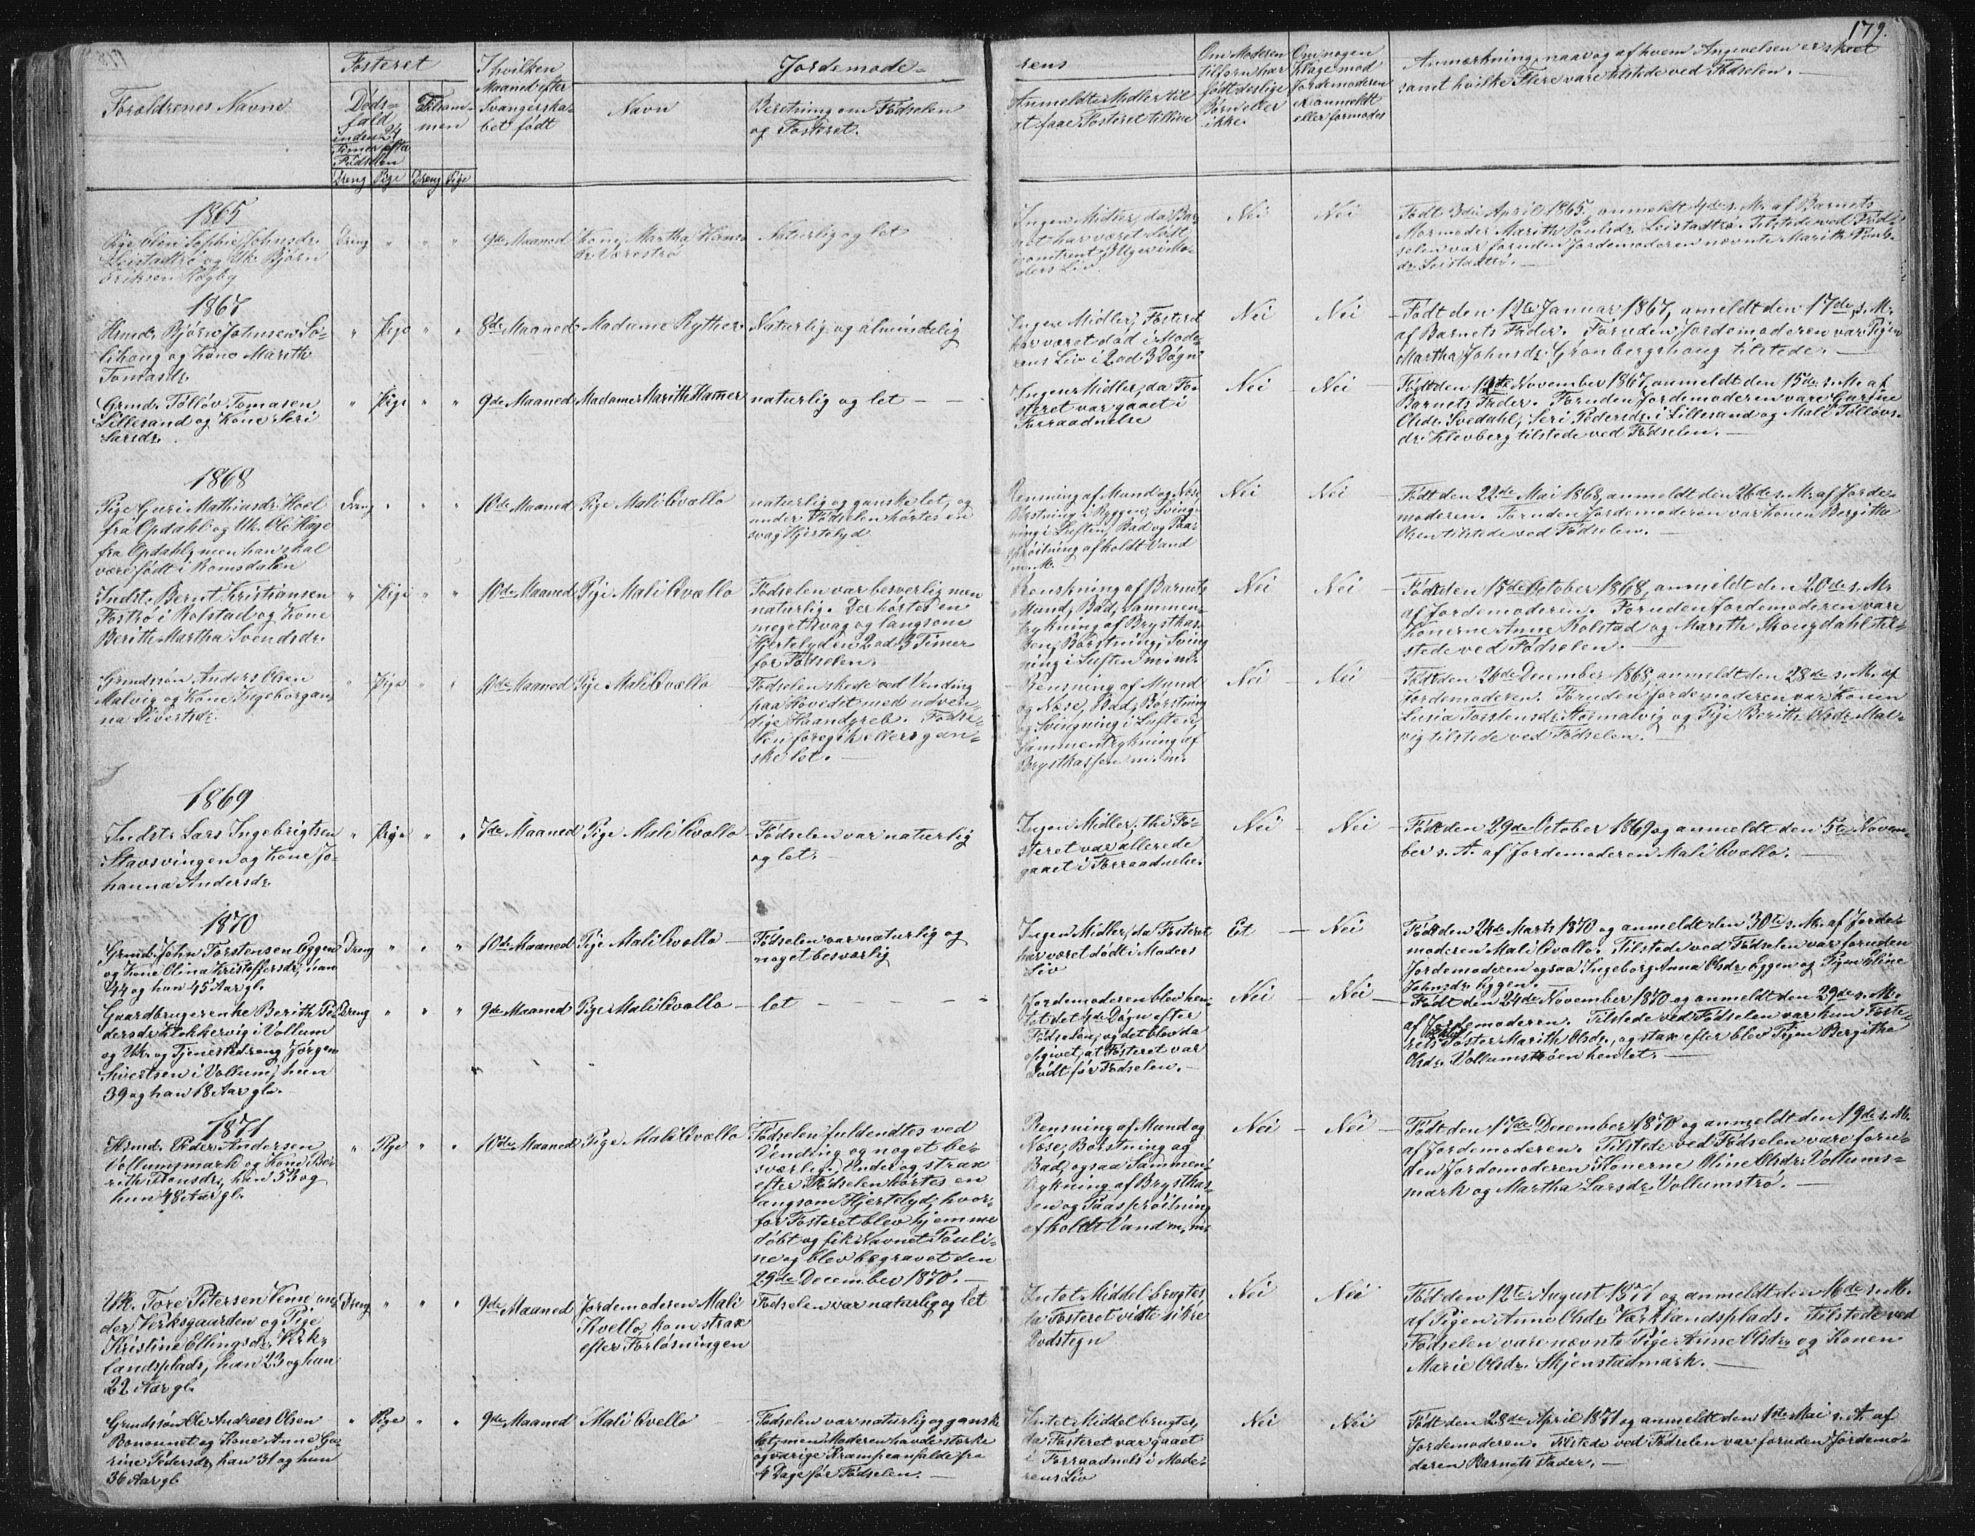 SAT, Ministerialprotokoller, klokkerbøker og fødselsregistre - Sør-Trøndelag, 616/L0406: Ministerialbok nr. 616A03, 1843-1879, s. 179